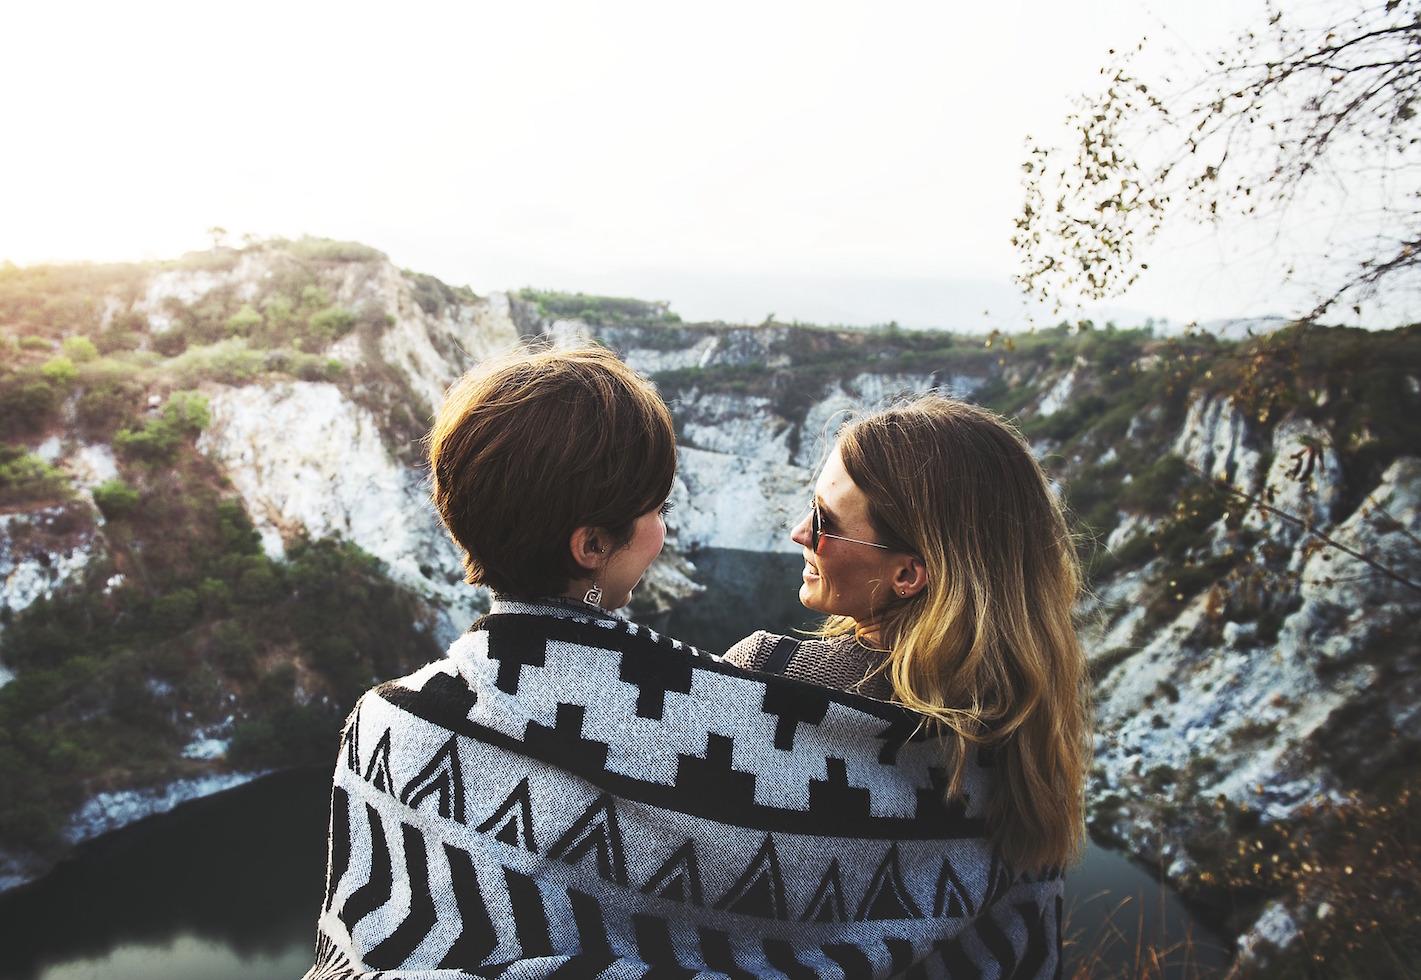 Top 3 des vêtements portés par les blogueuses voyage sur instagram